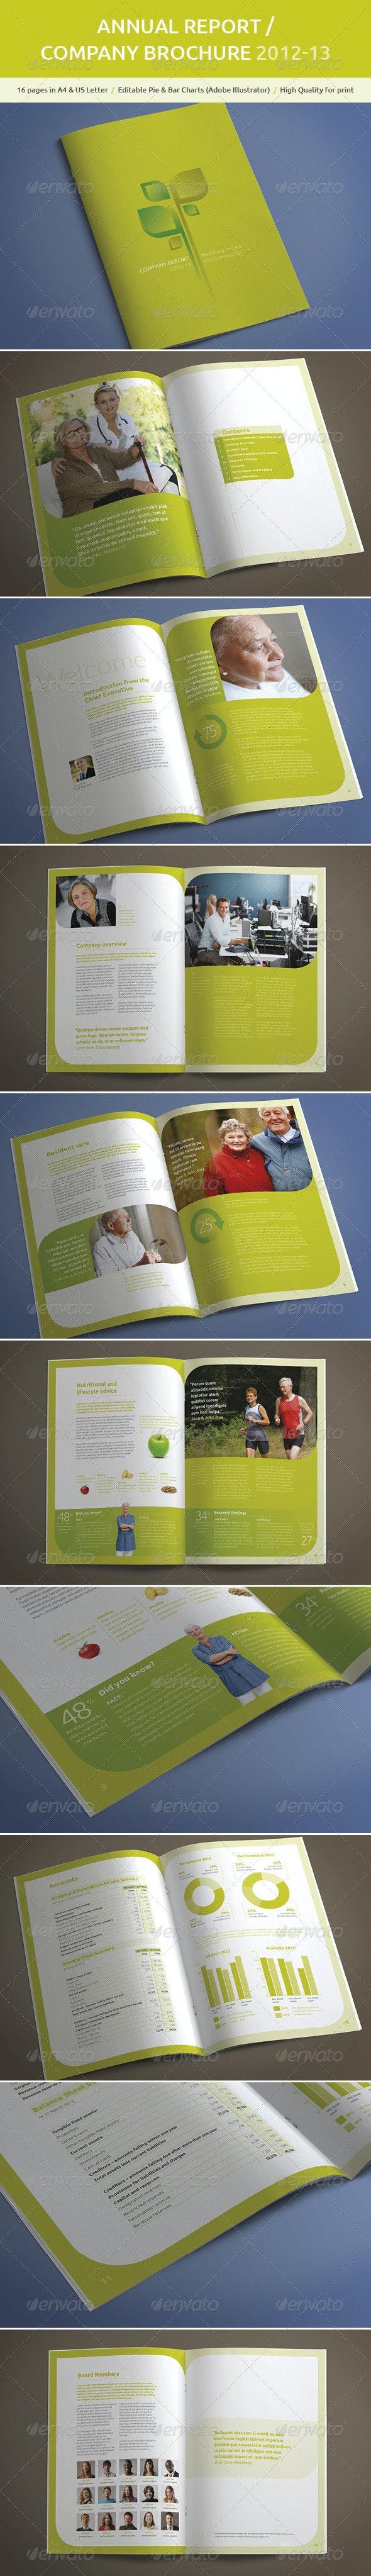 A4 Annual Report / Company Brochure - Brochures Print Templates